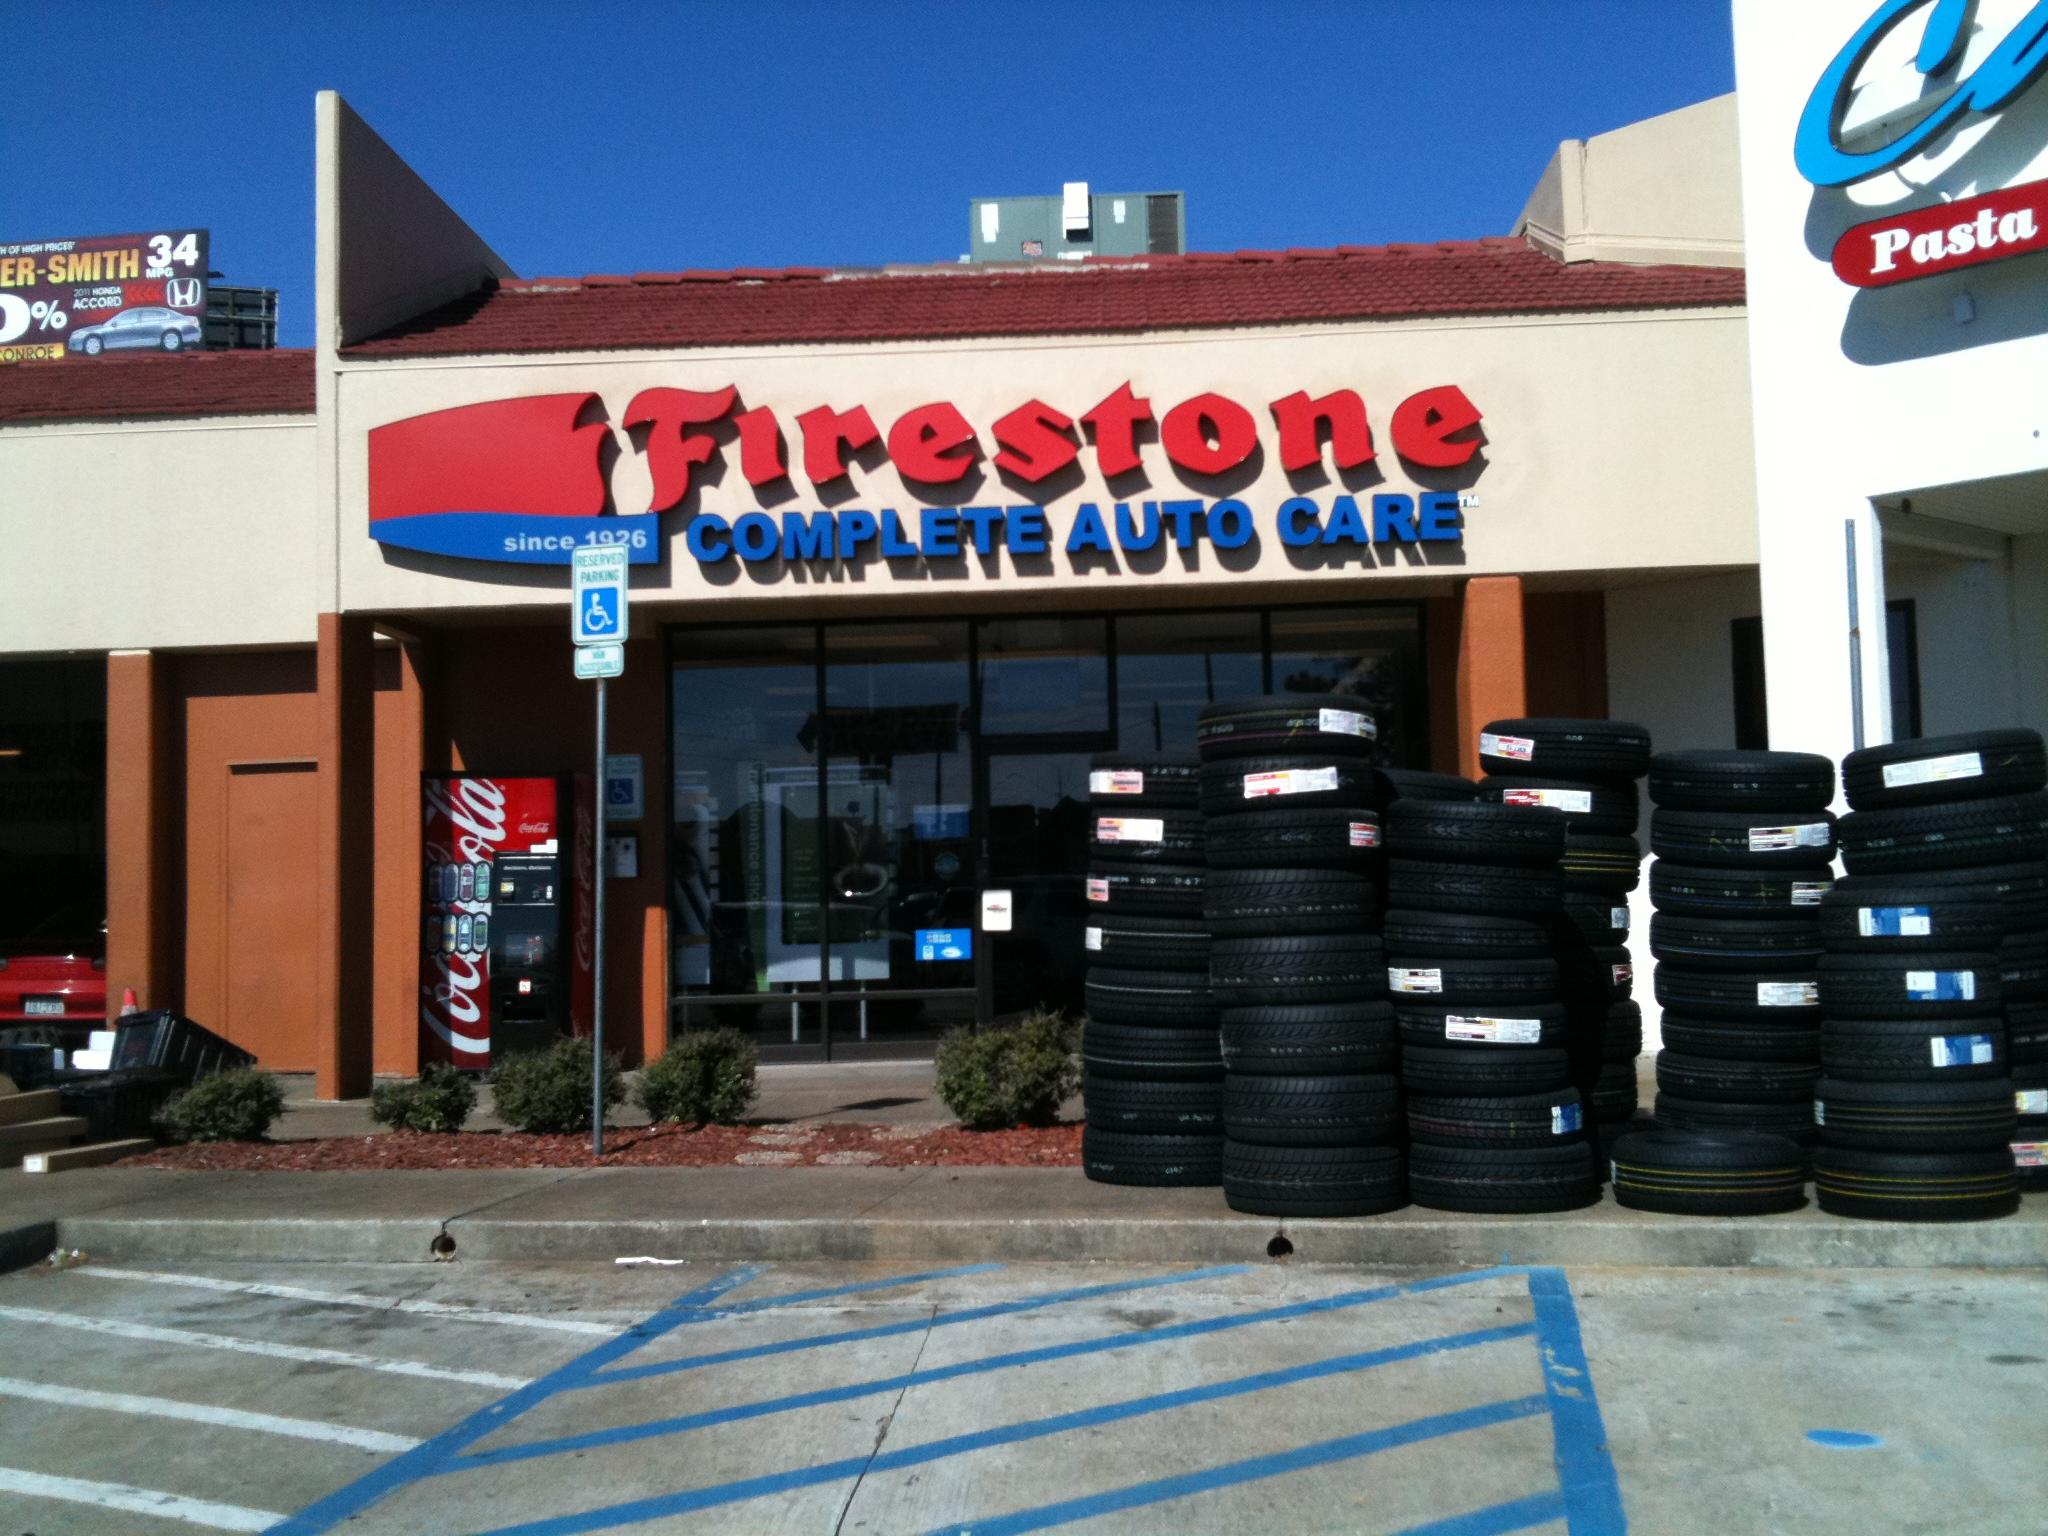 File:Firestone Complete Auto Care (5444548589).jpg - Wikimedia Commons